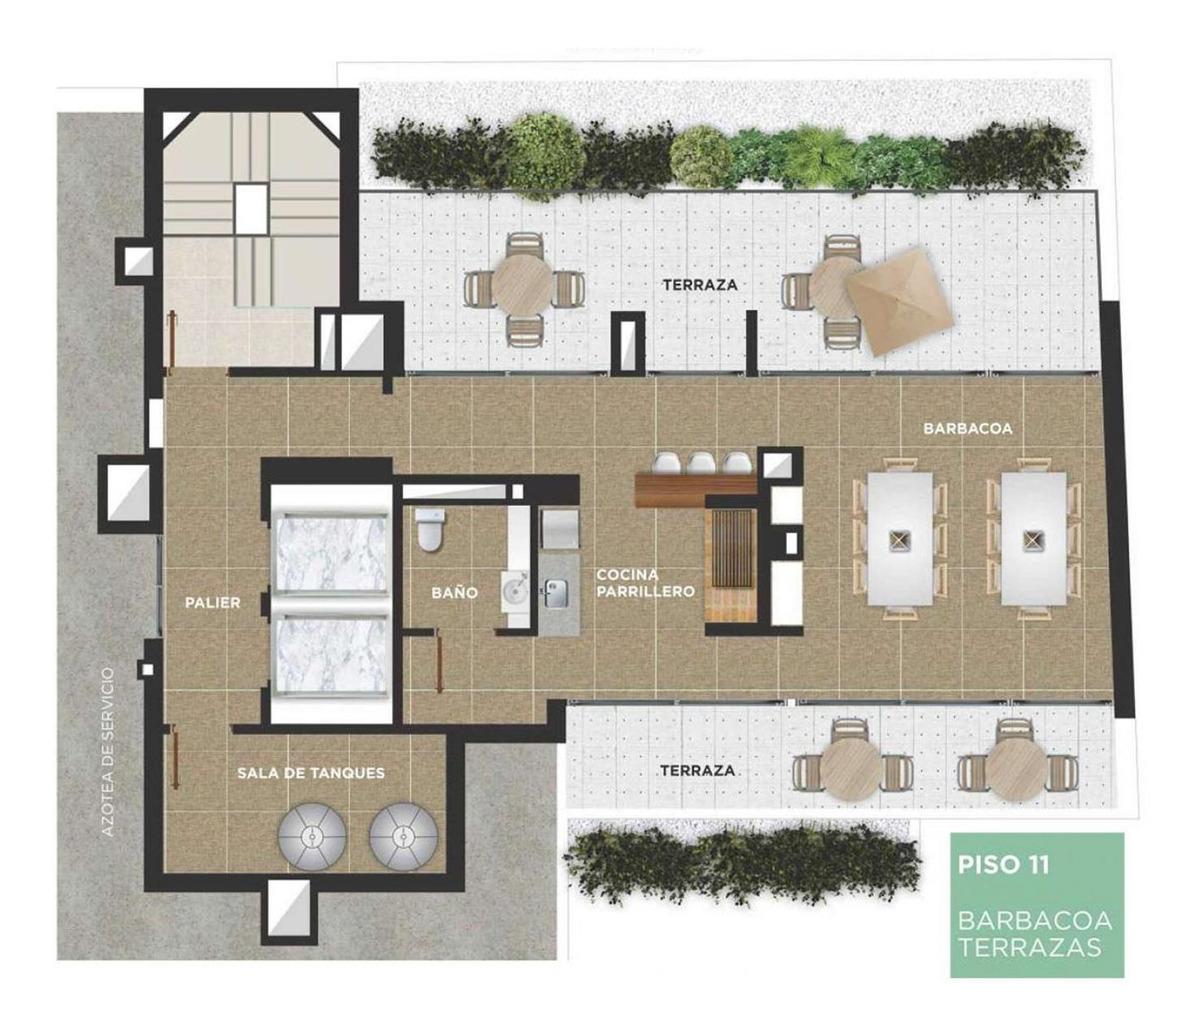 venta 2 dormitorios piso alto disfutable terraza